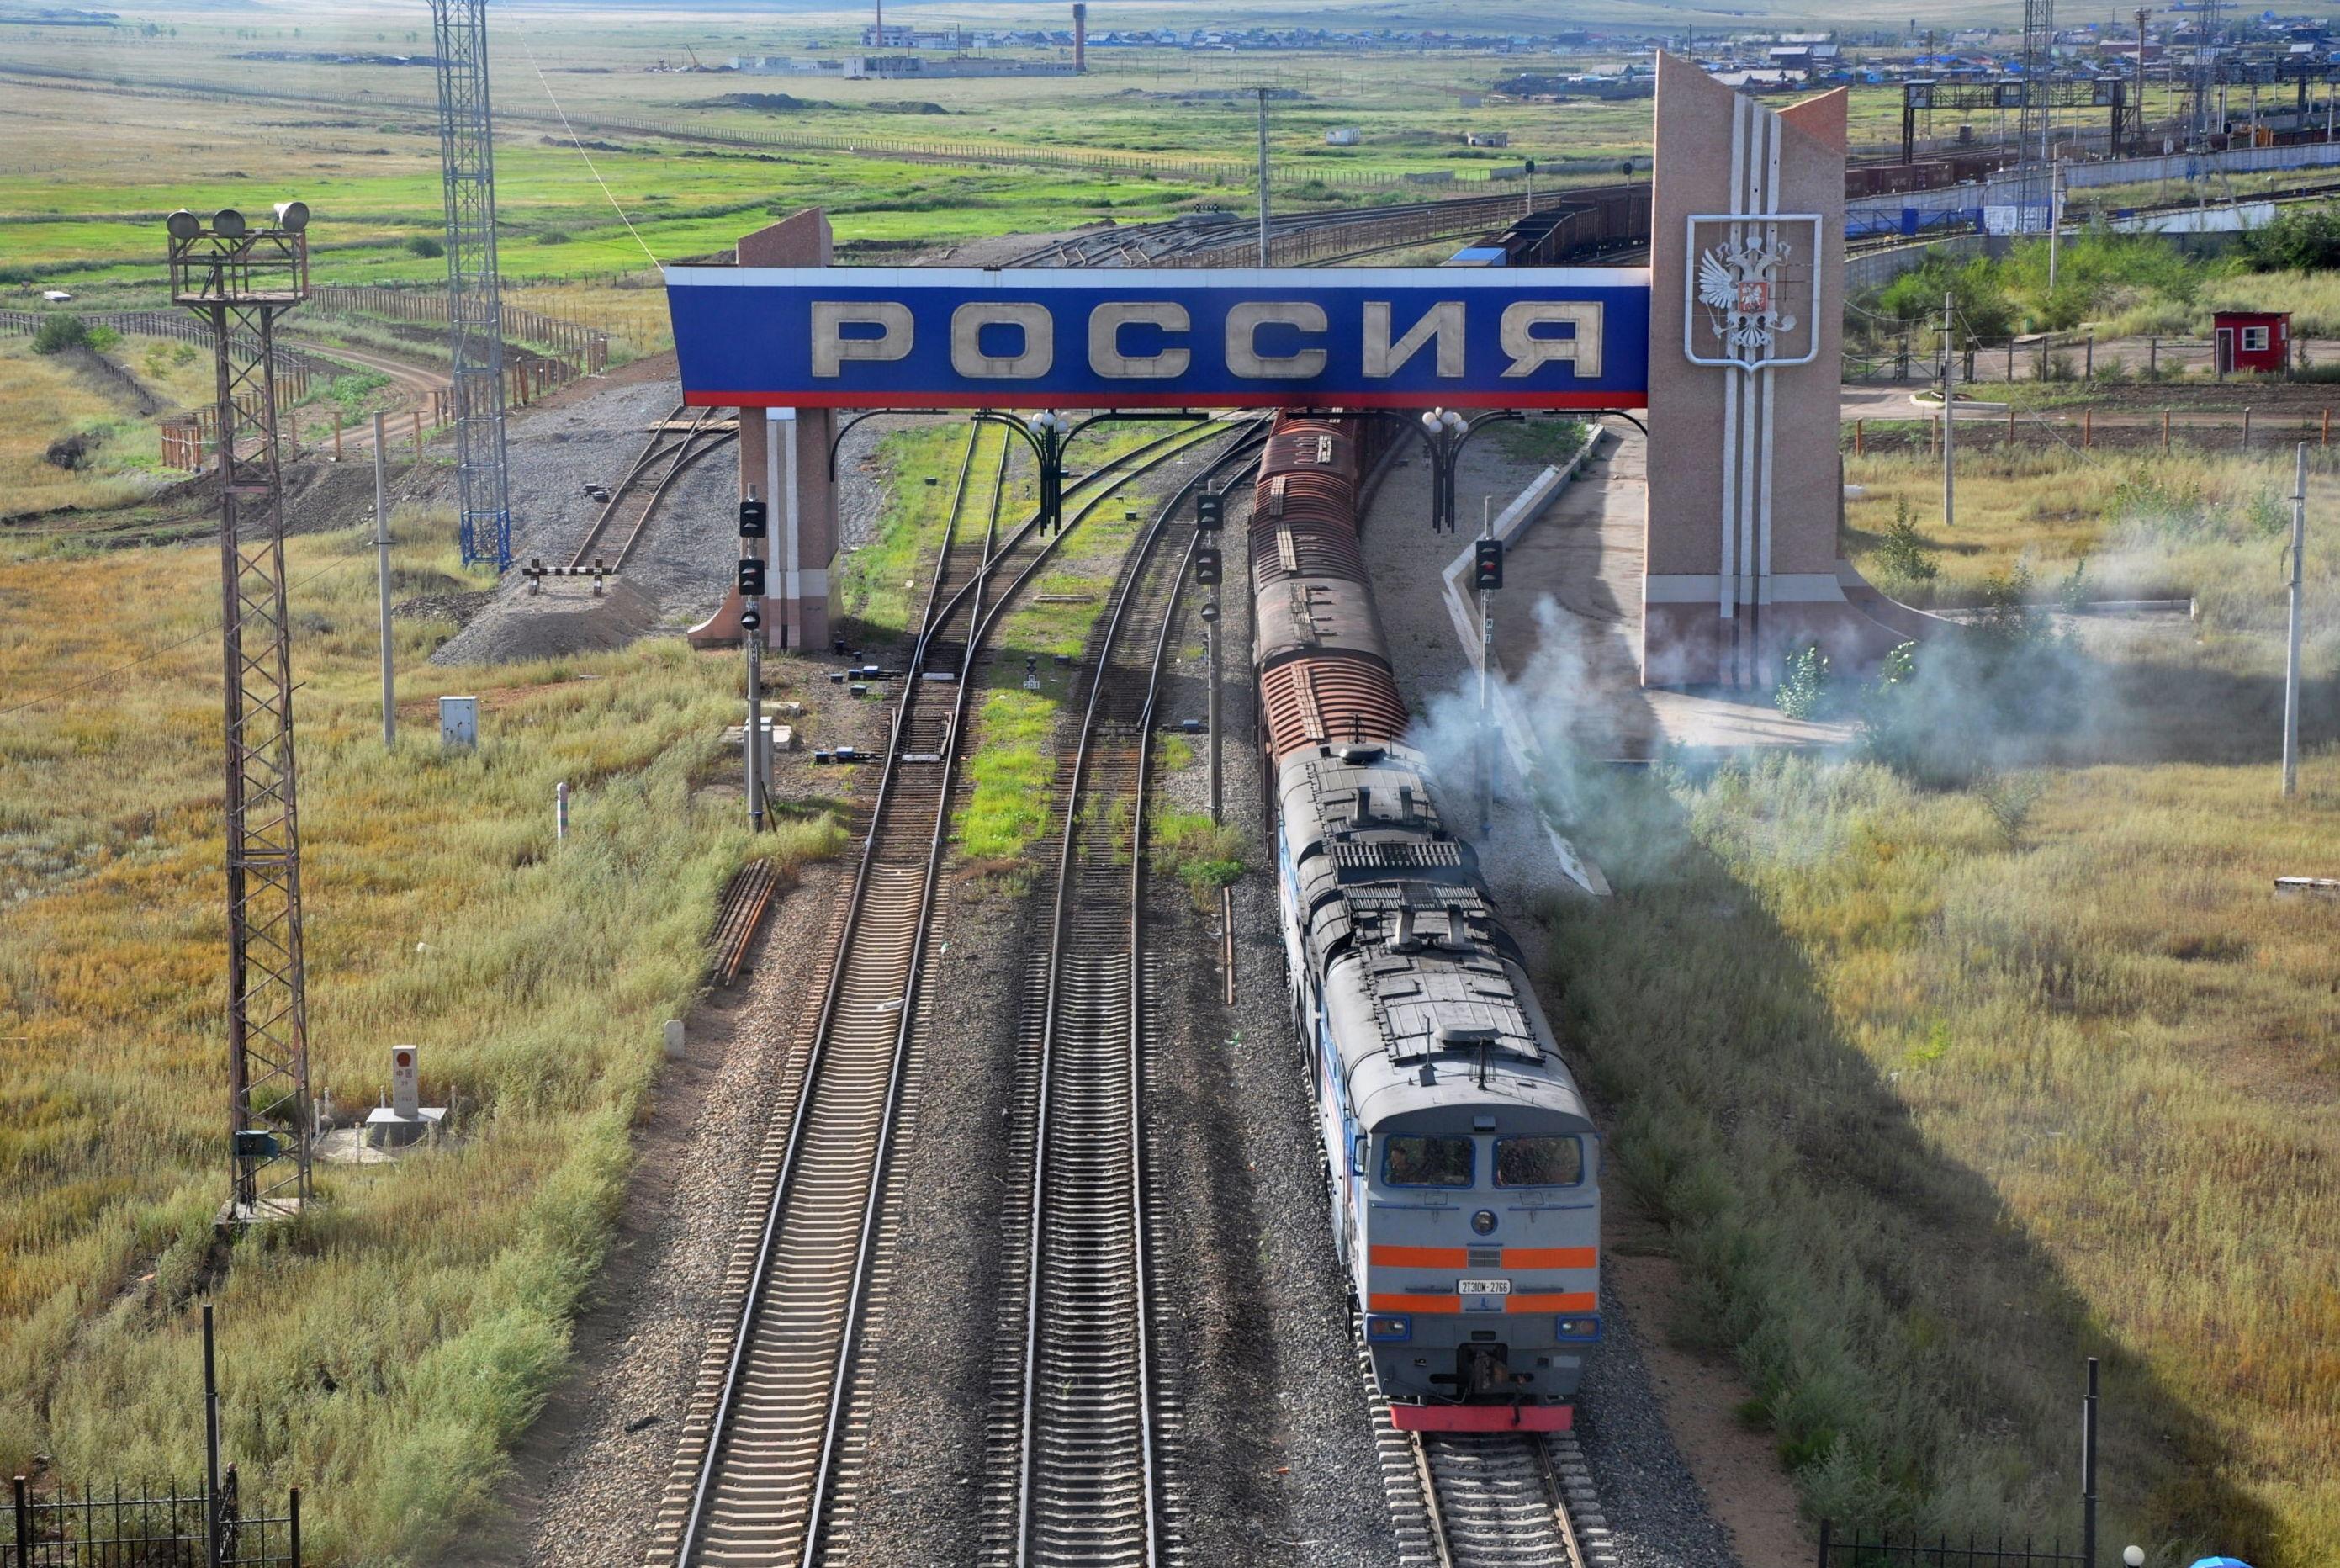 Un tren atraviesa la frontera entre China y Rusia